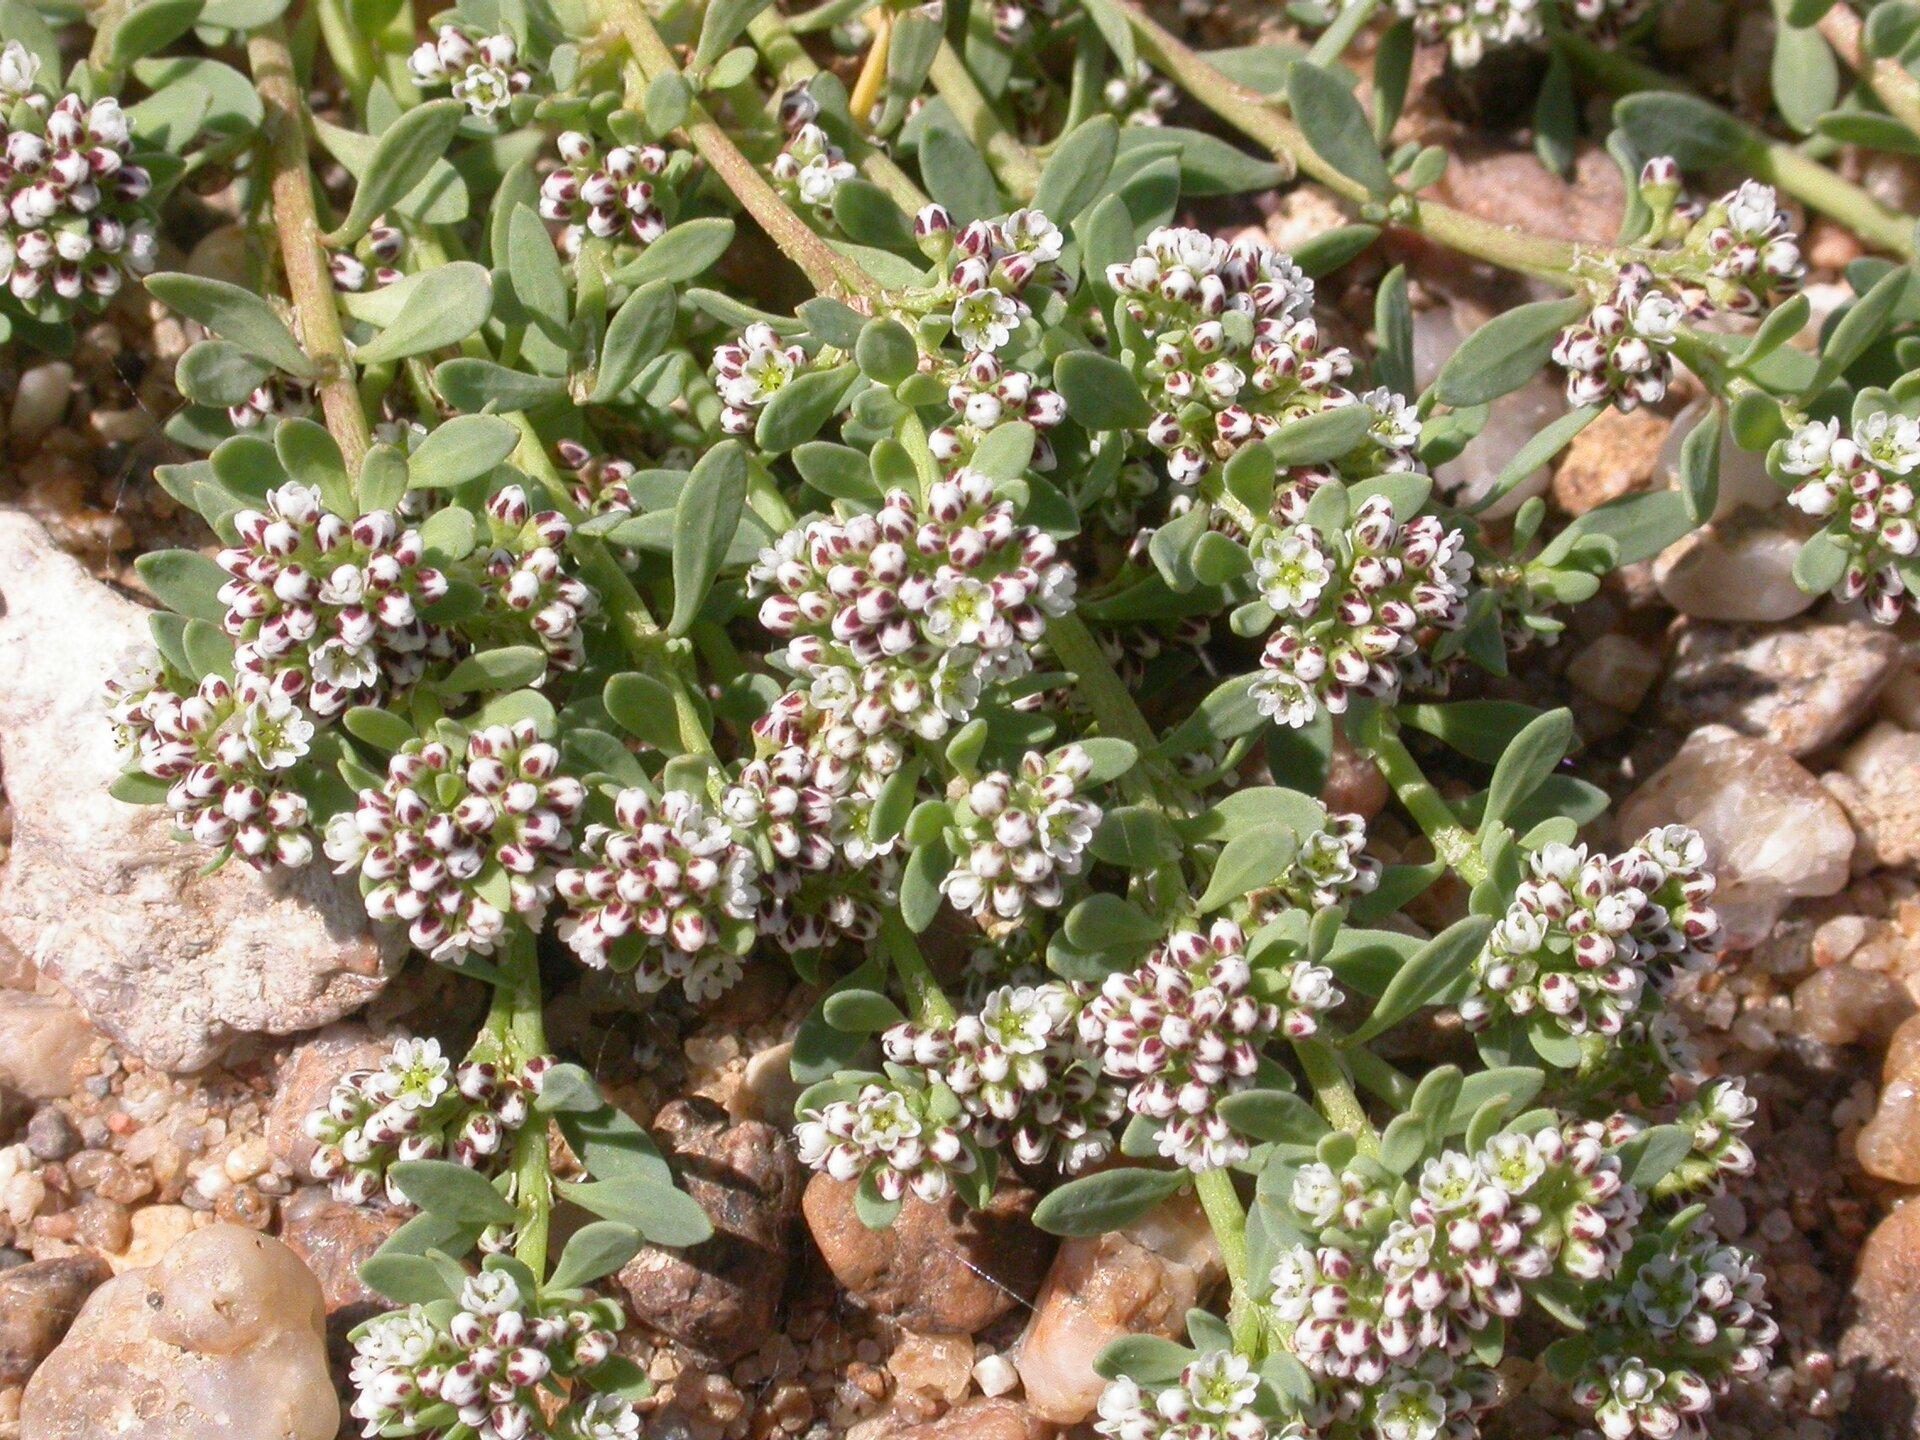 Fotografia przedstawia zbliżenie licznych roślin na kamieniach. To nadbrzeżnica nadrzeczna. Ich białe kwiaty wpąkach mają brązowe plamki. Nieliczne otwarte kwiaty są biało - zielonkawe. Kwiaty skupione wkuliste kwiatostany. Liście na walcowatej, płożącej łodydze są drobne, grube.